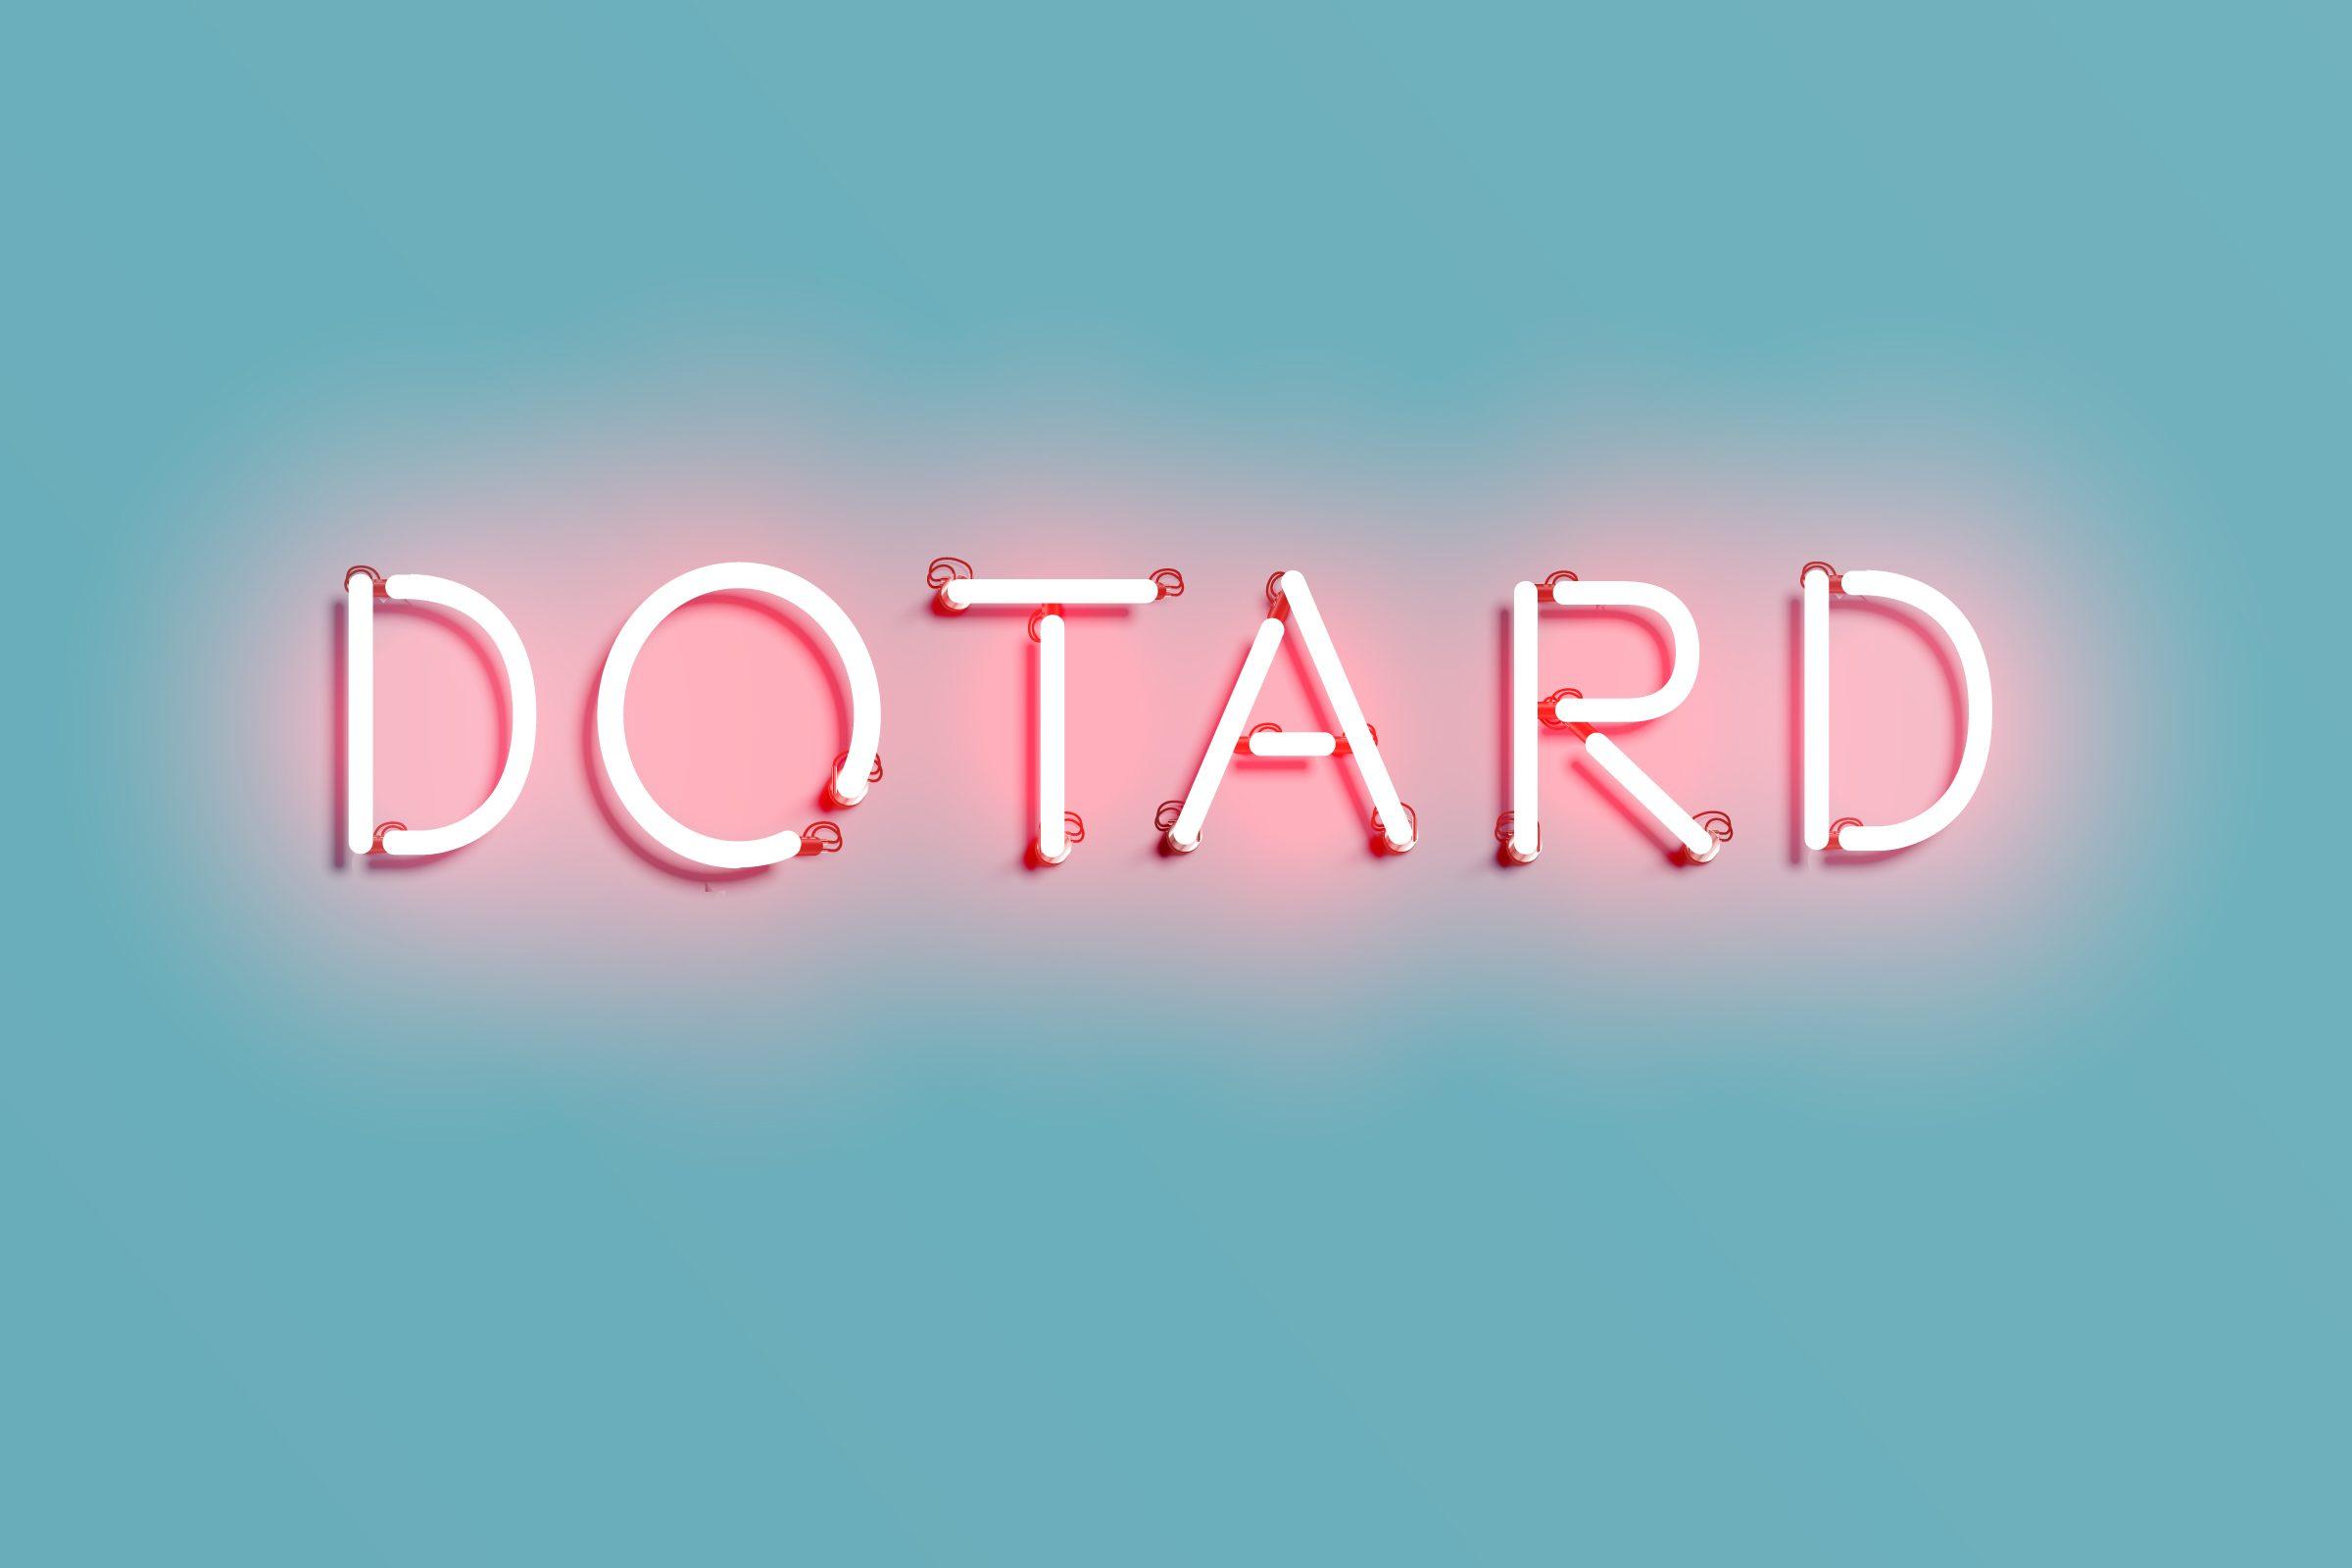 Dotard